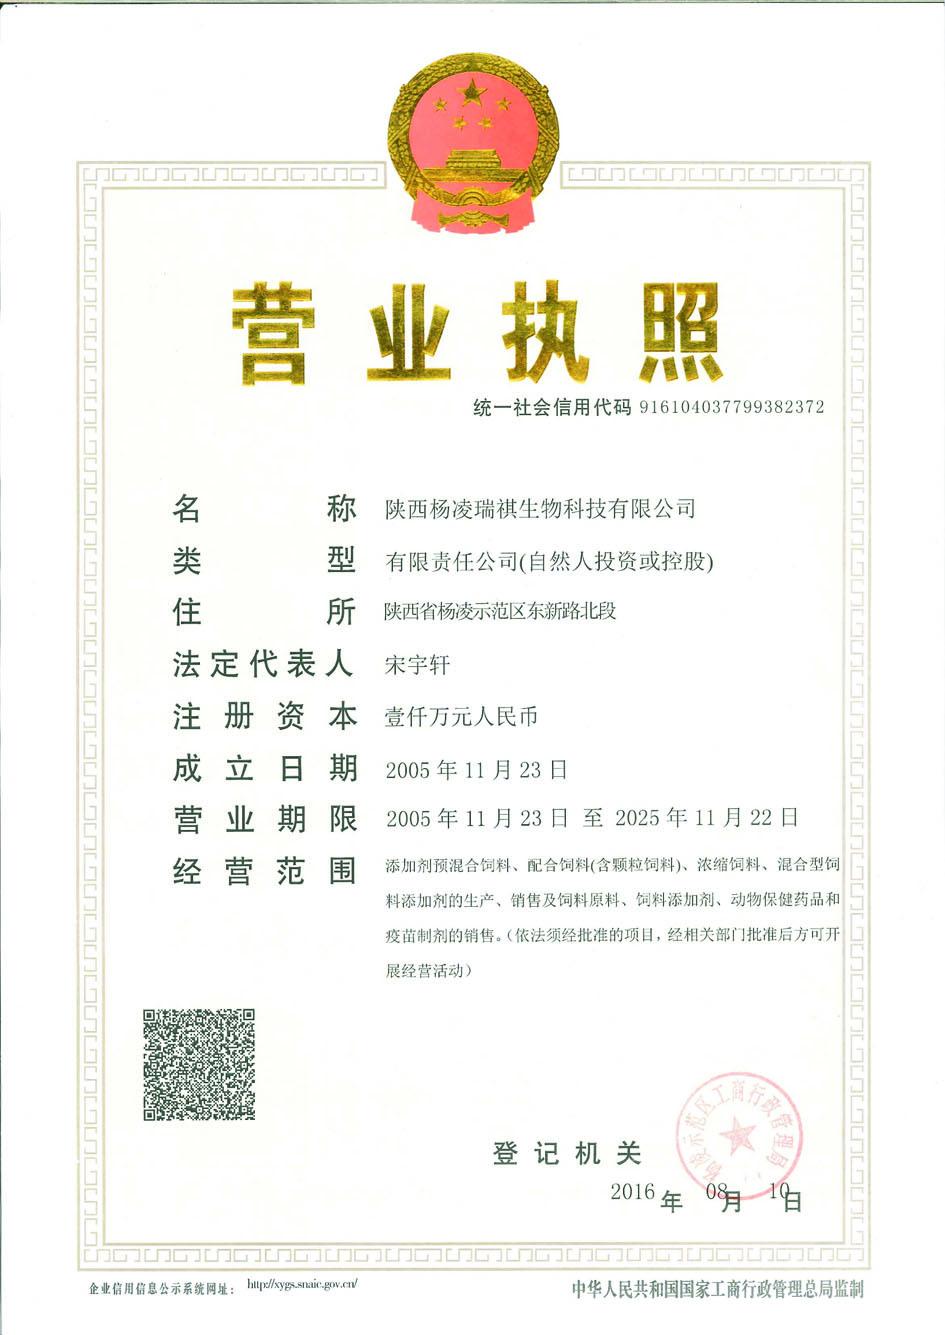 陜西楊凌瑞祺生物科技有限公司營業執照